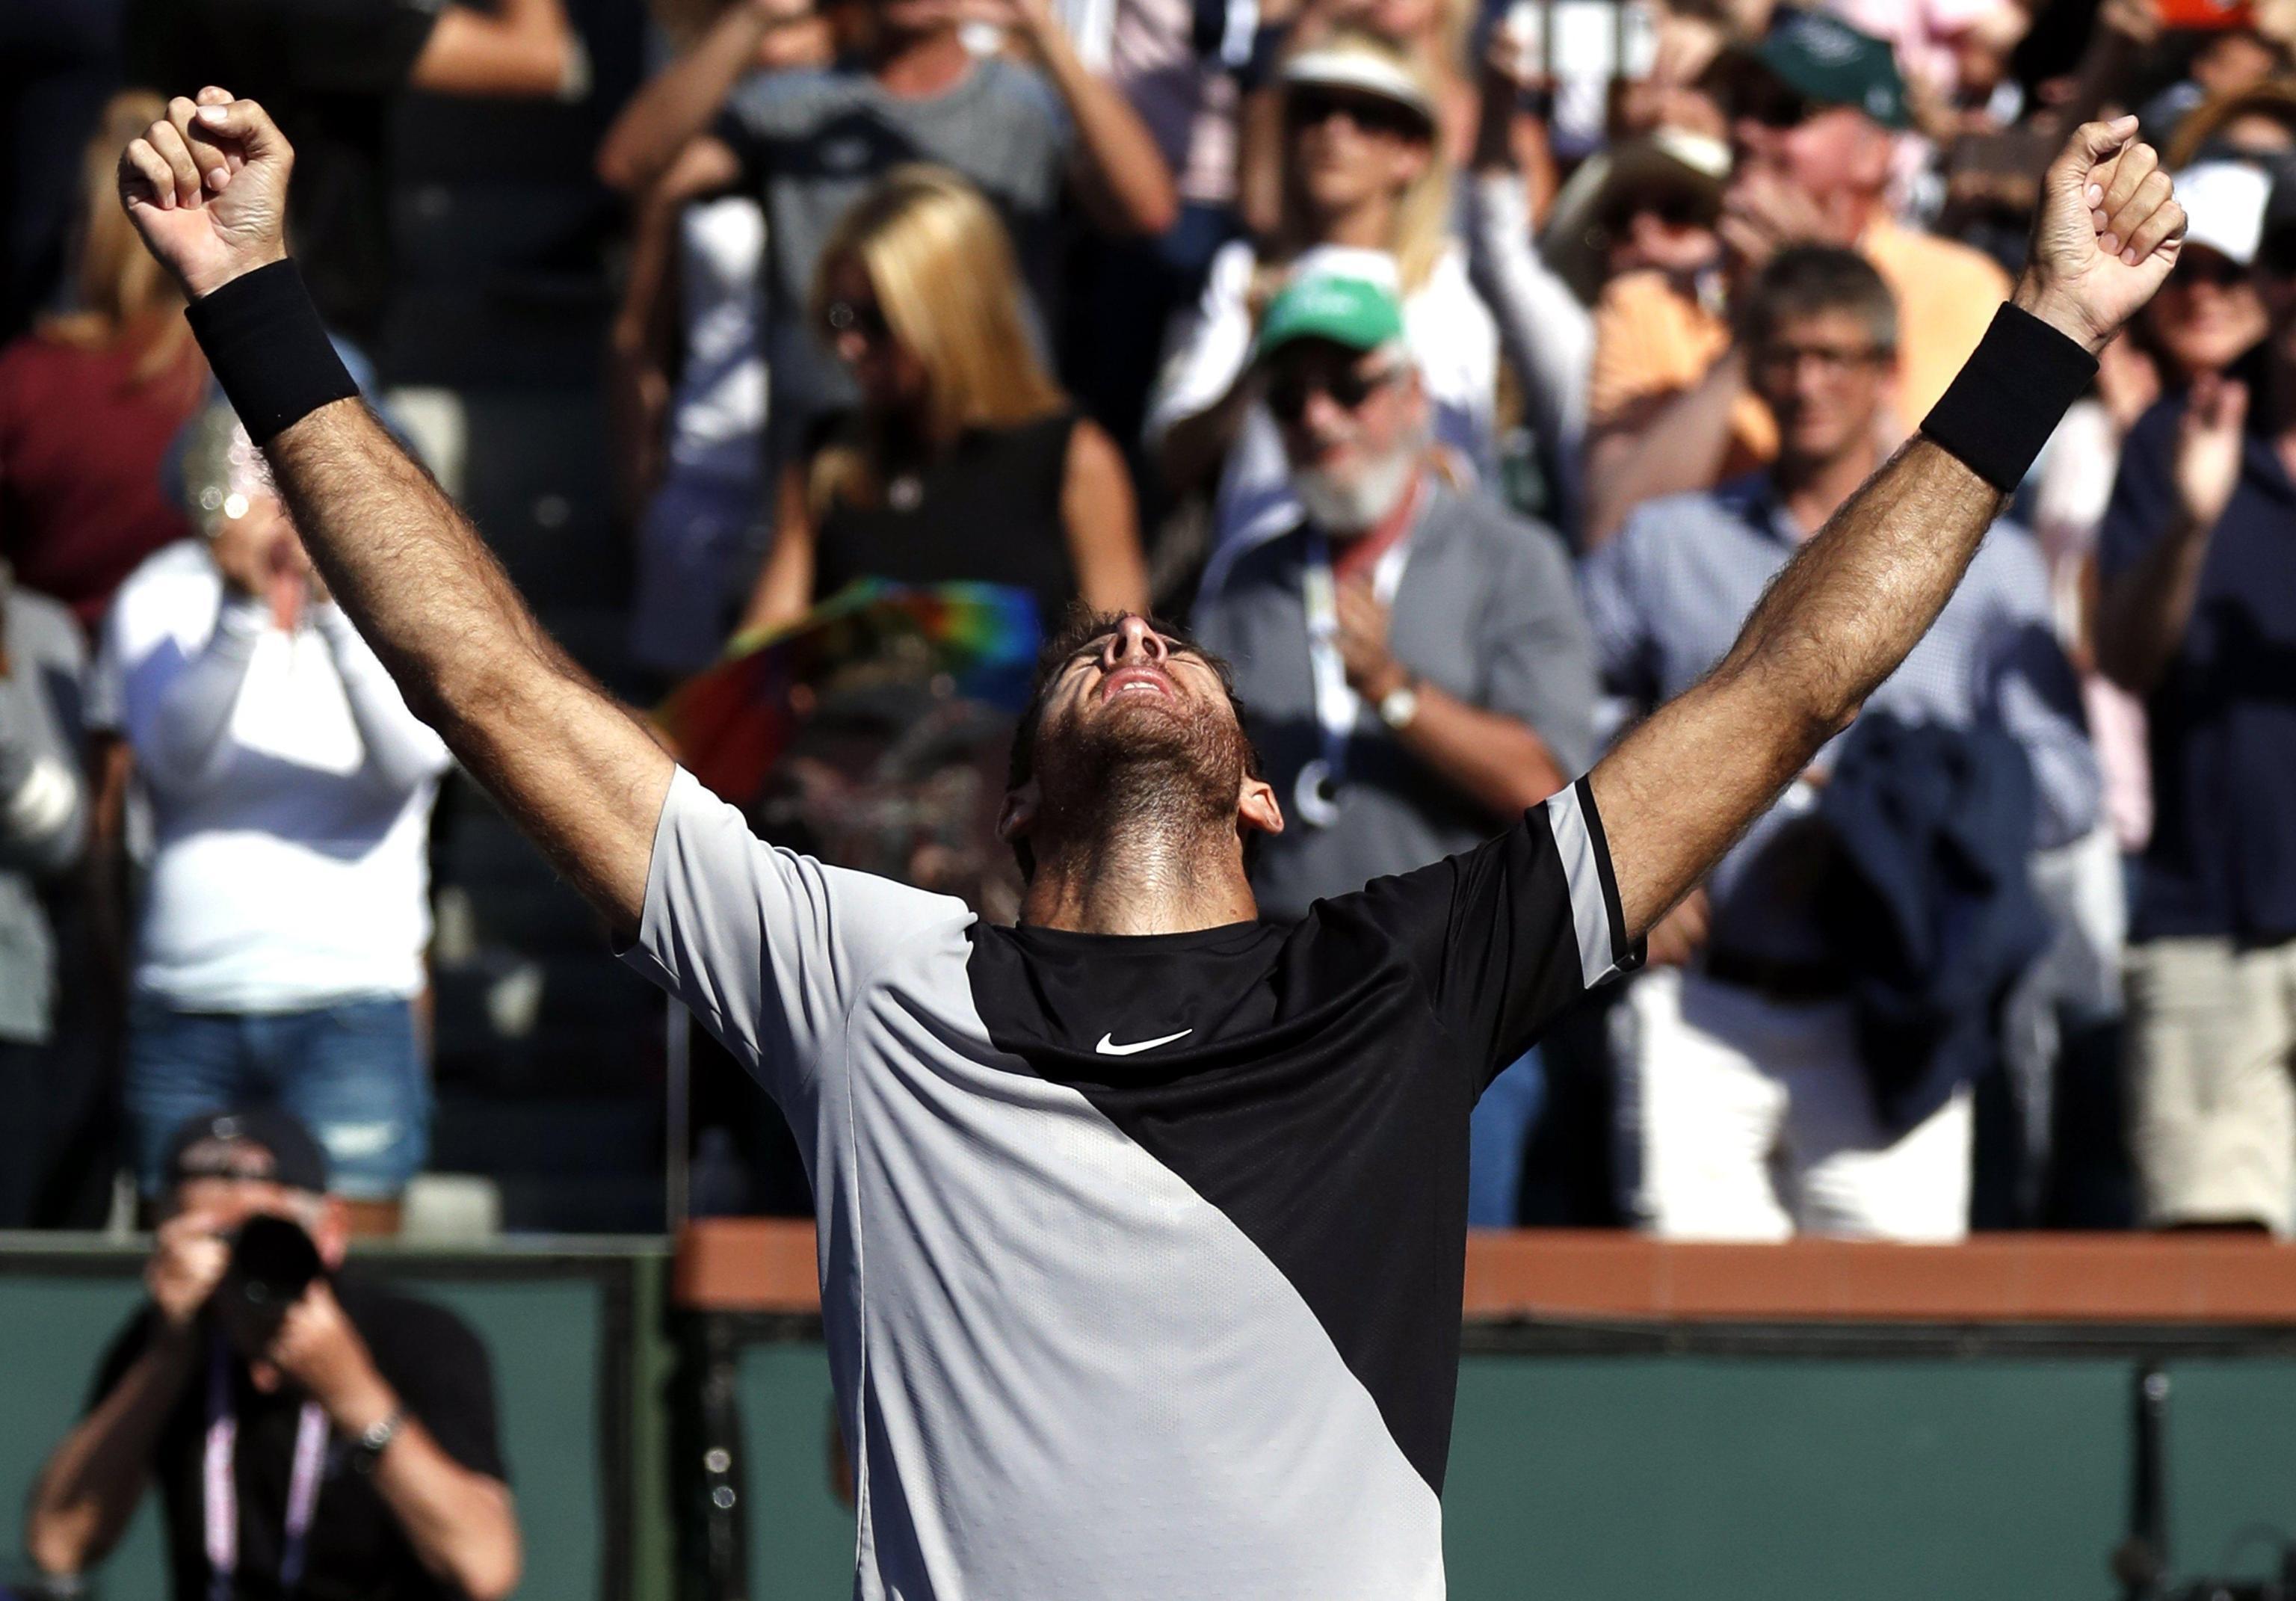 Roger Federer si arrende a Juan Martin Del Potro nell'ultimo atto del 'BNP Paribas Open', primo Atp Masters 1000 della stagione in corso sui campi in cemento di Indian Wells, in California. L'argentino, numero 8 Atp e sesta testa di serie, si e' imposto sullo svizzero numero uno al mondo in tre set, con il punteggio di 6-4, 7-6, 6-7 in 2 ore e 42'. Per Federer prima sconfitta del 2018: la striscia di vittorie consecutive si ferma a 17.